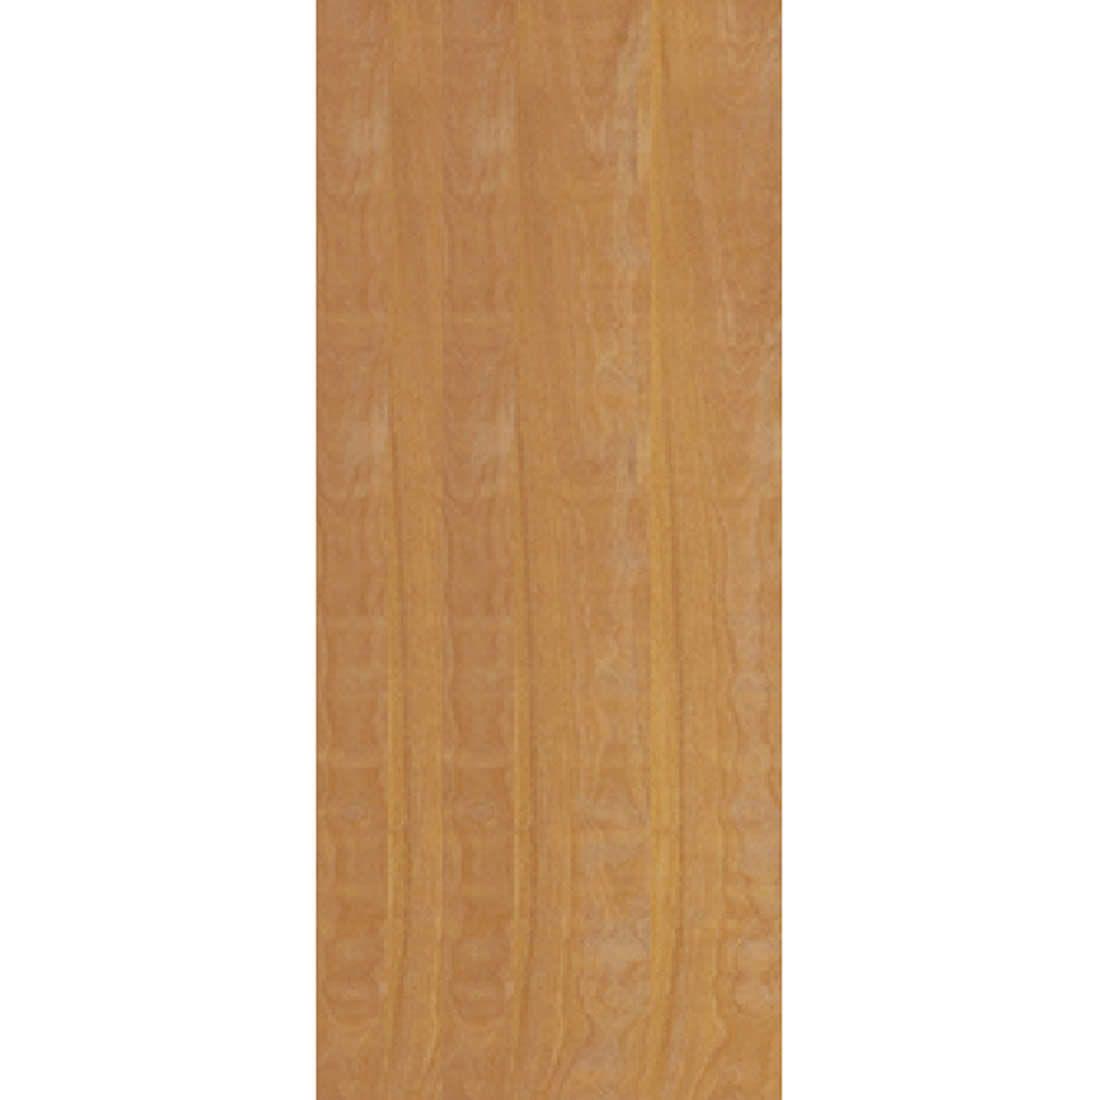 Porta 2,10 x 0,80m em Madeira Curupixa Semi Sólida Modelo Lisa Sem Frisa JB Paes